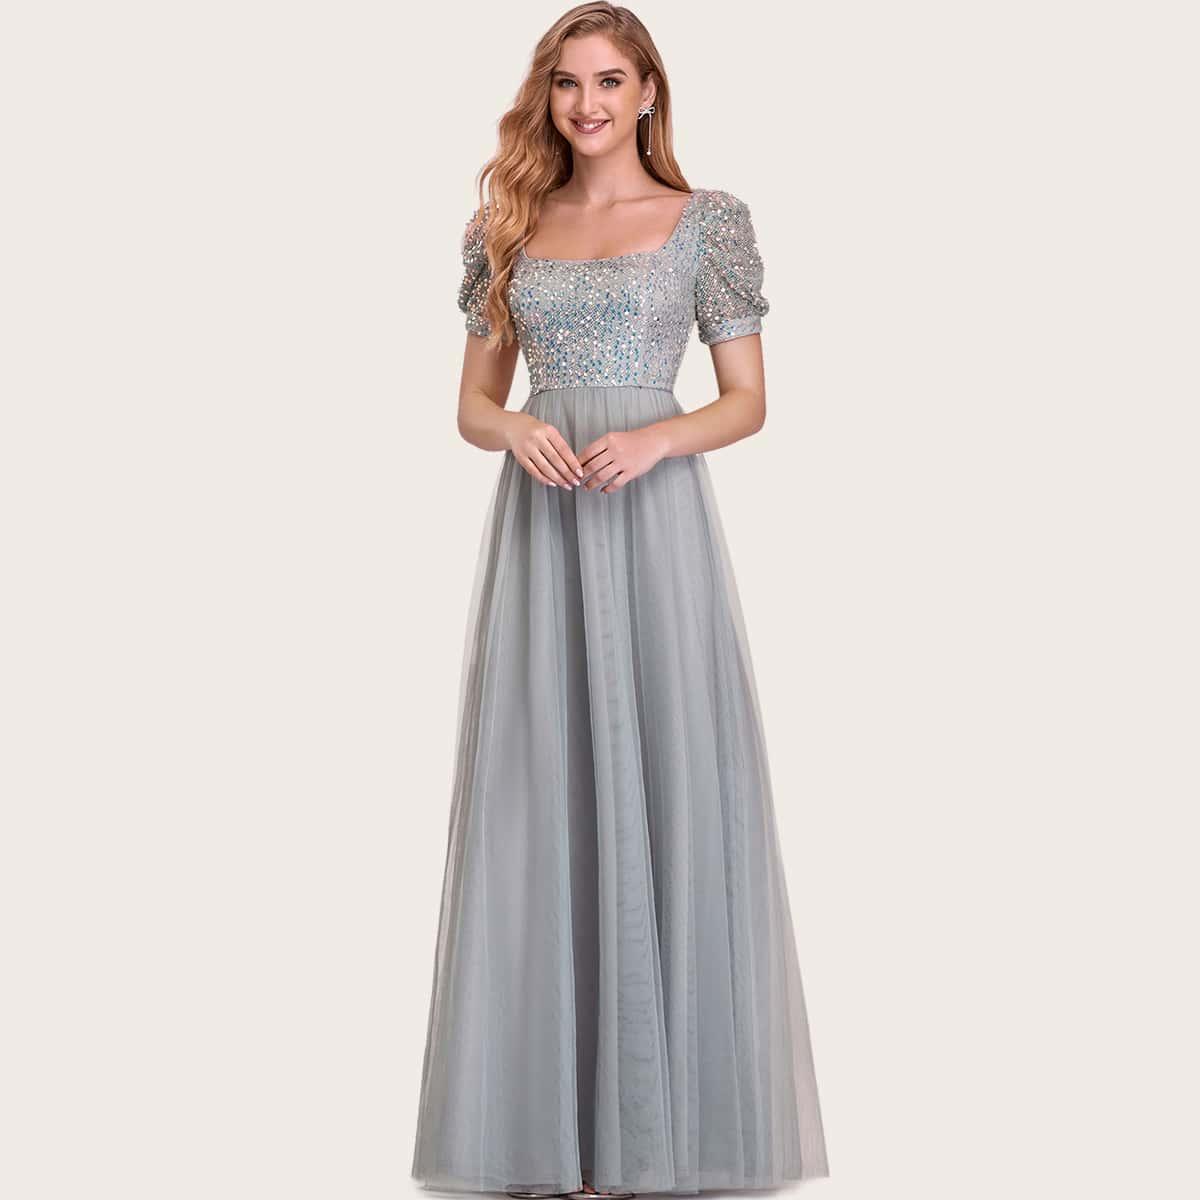 SHEIN / Square Neck Sequin Bodice Mesh Prom Dress